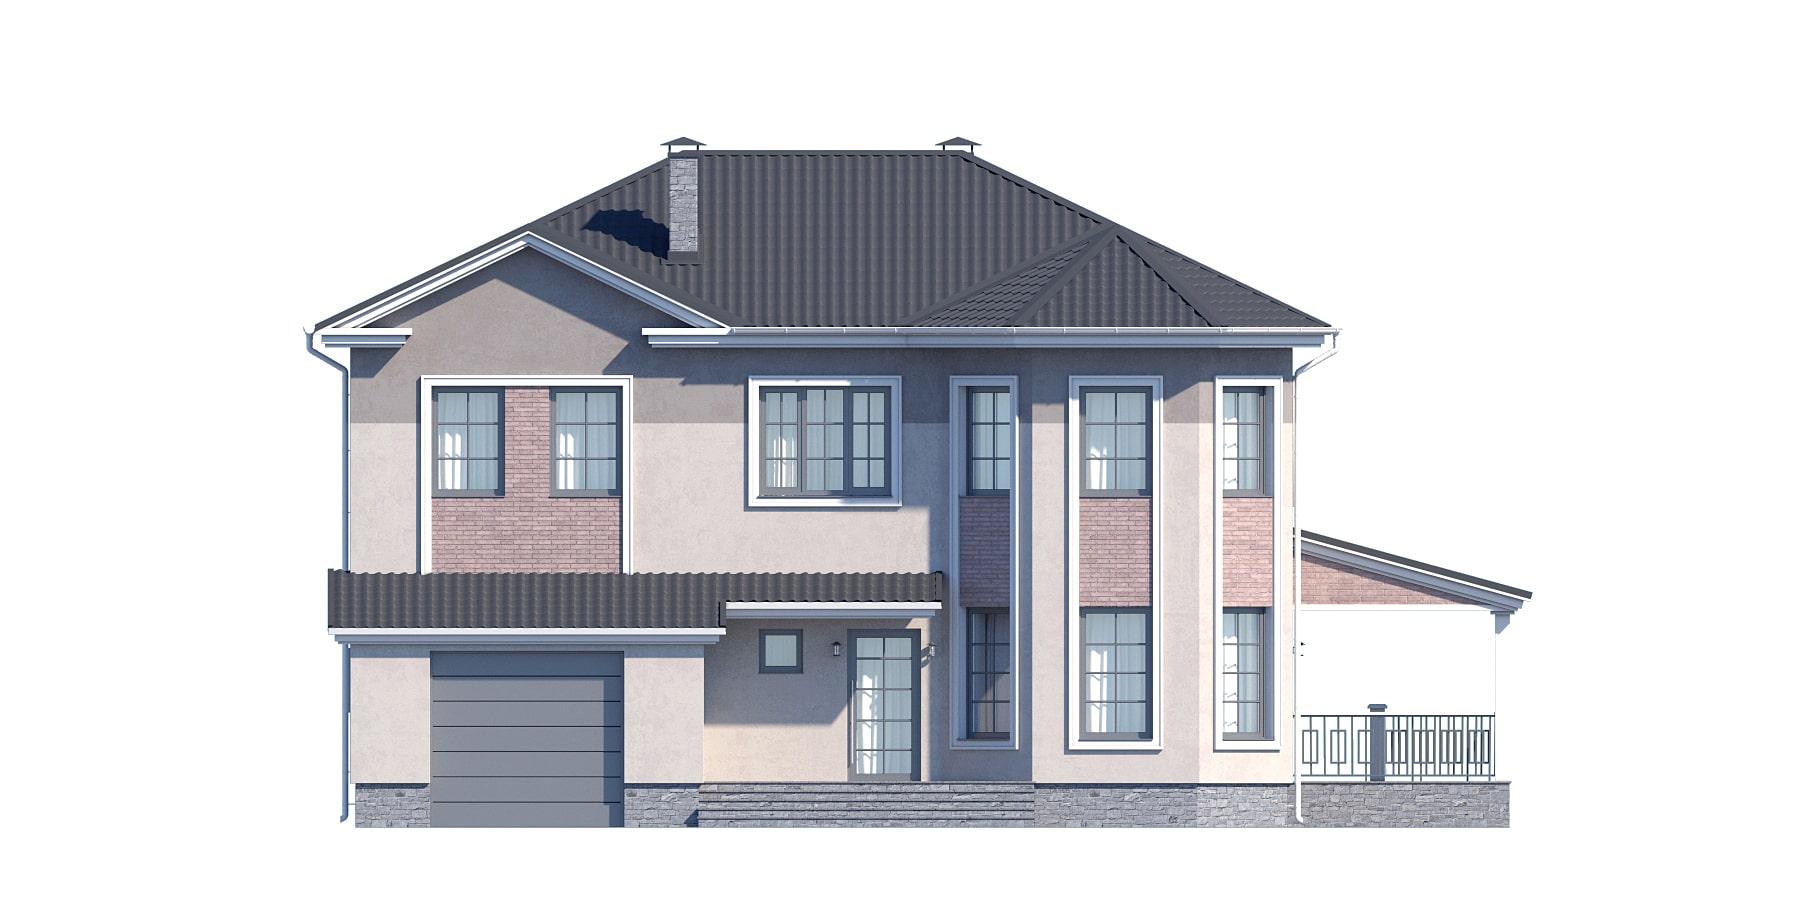 Фасад двухэтажного дома с гаражом, террасой «КД-32» - спереди